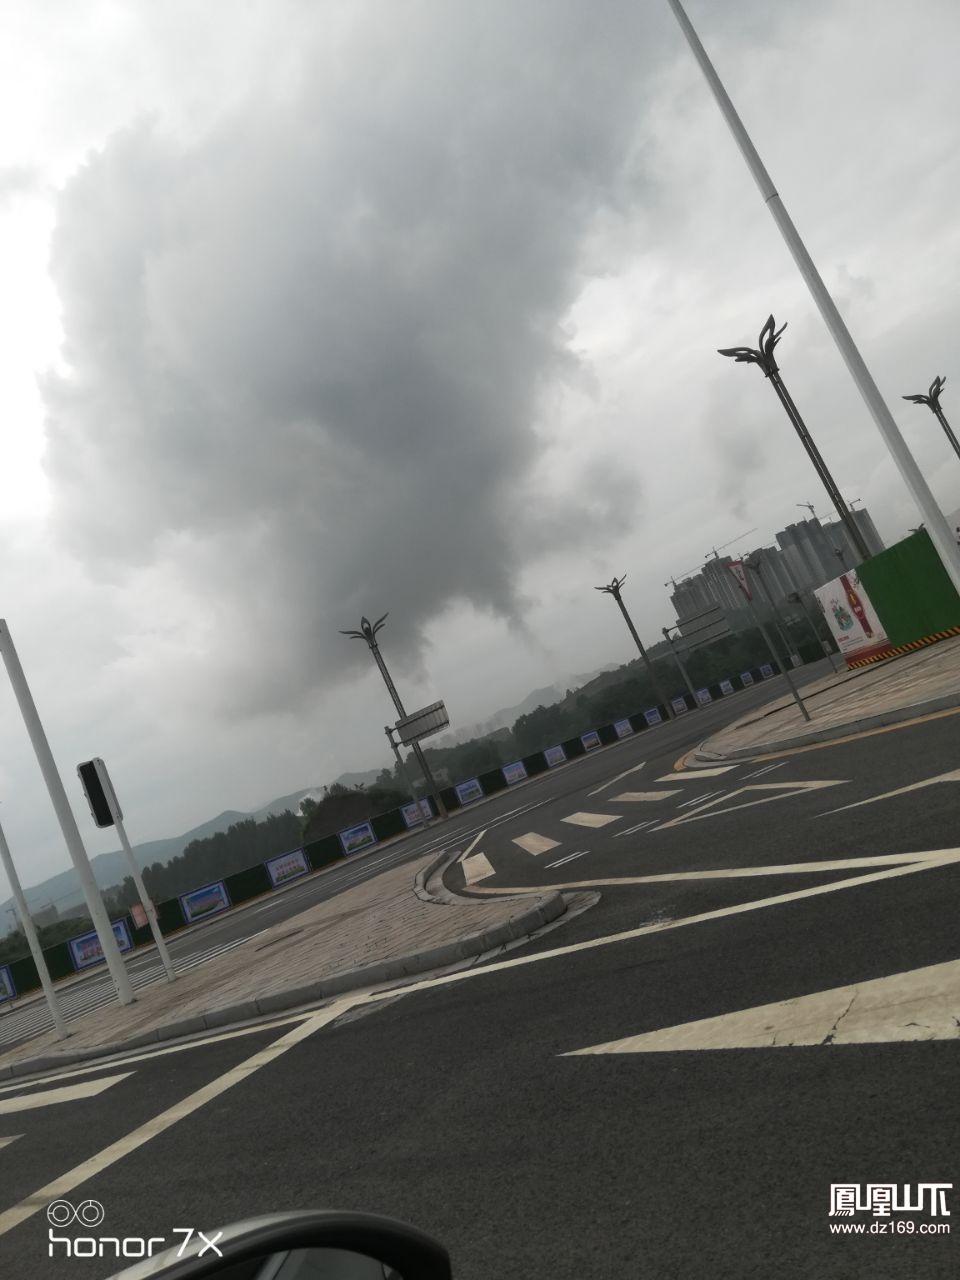 不知道这个气是污染的还是传说的那样不污染,太可怕了